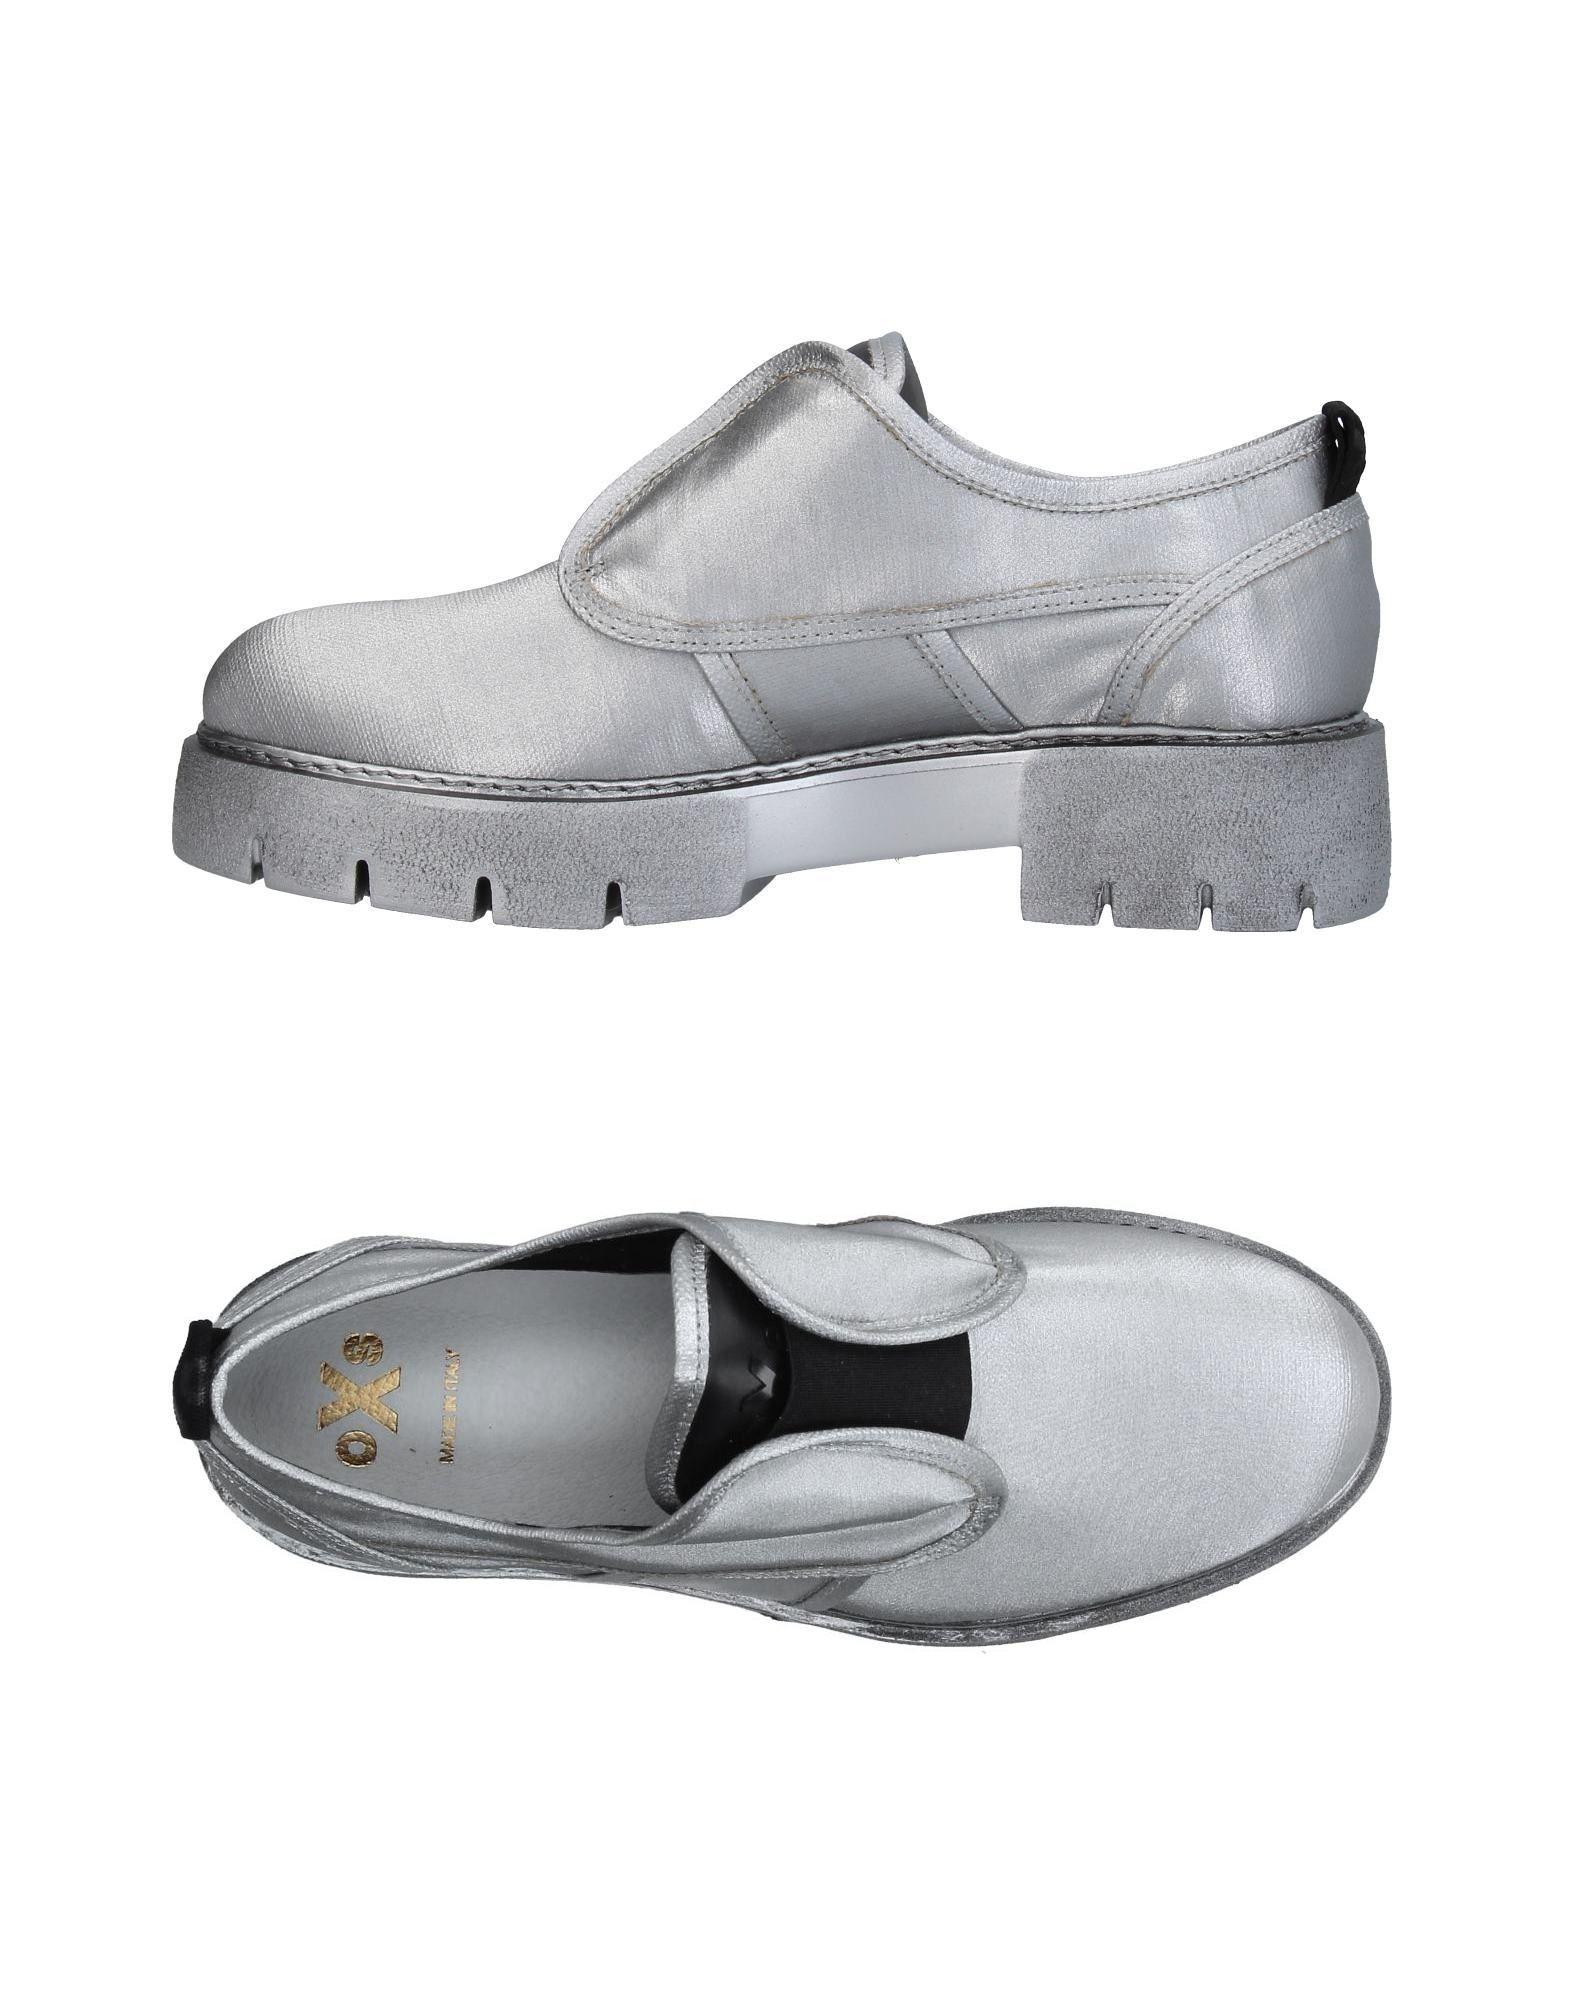 O.X.S. Mokassins Damen  11355181SE Gute Qualität beliebte Schuhe